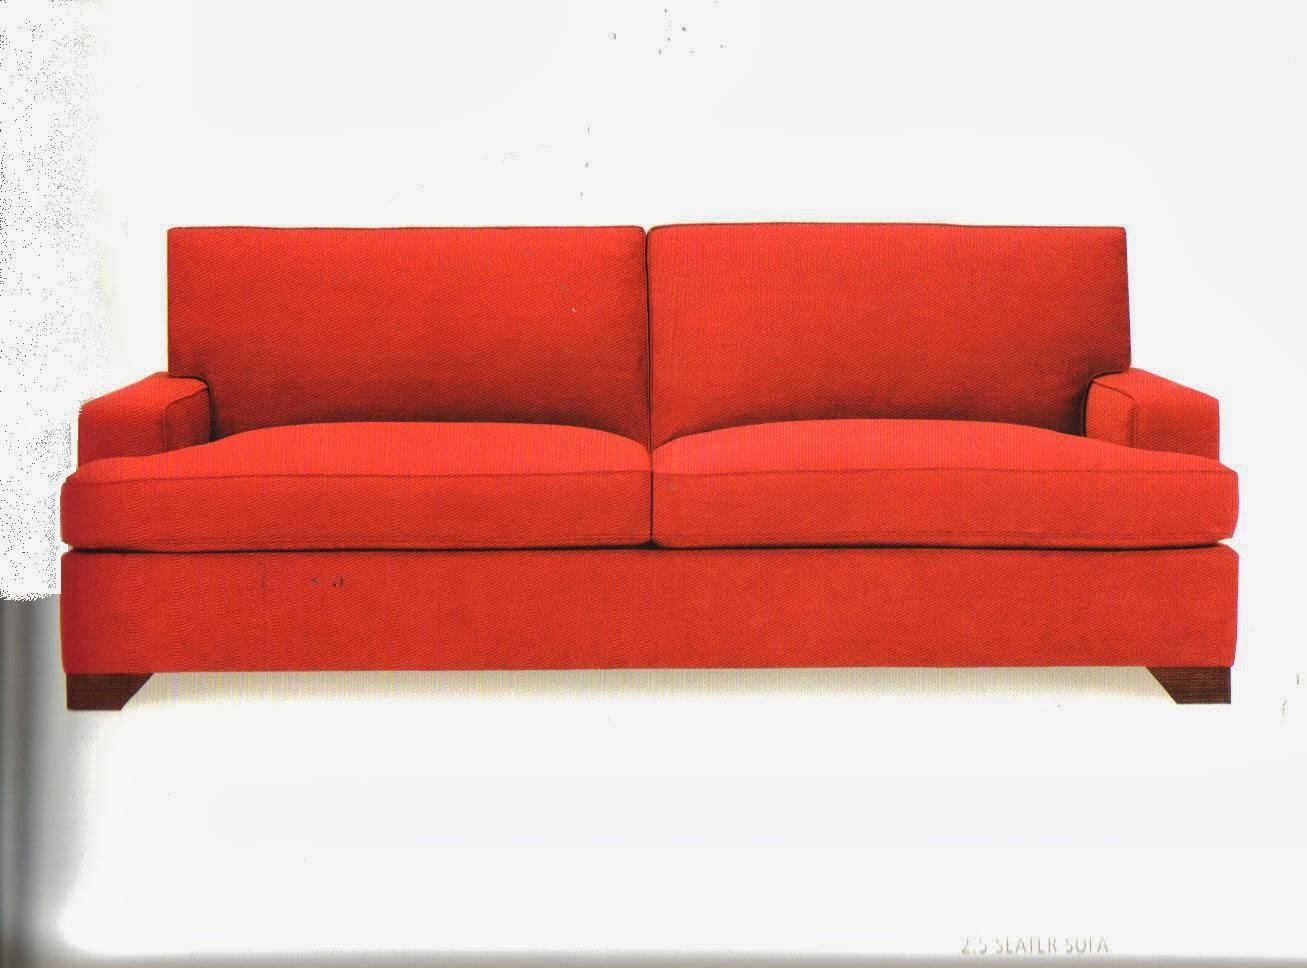 transformez votre salon avec des canap s sectionnelles rouge canap togo. Black Bedroom Furniture Sets. Home Design Ideas